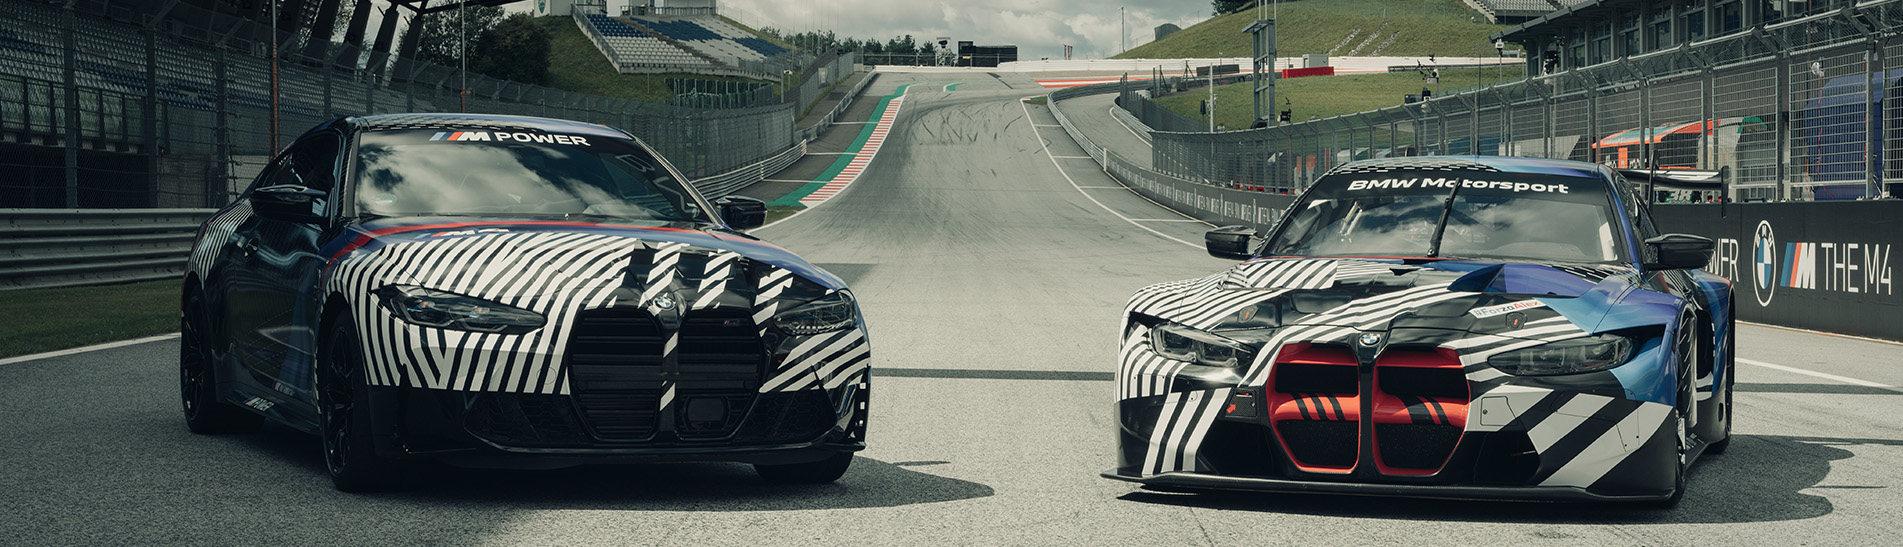 Official BMW Motorsport Supplier BMW M4 GT3